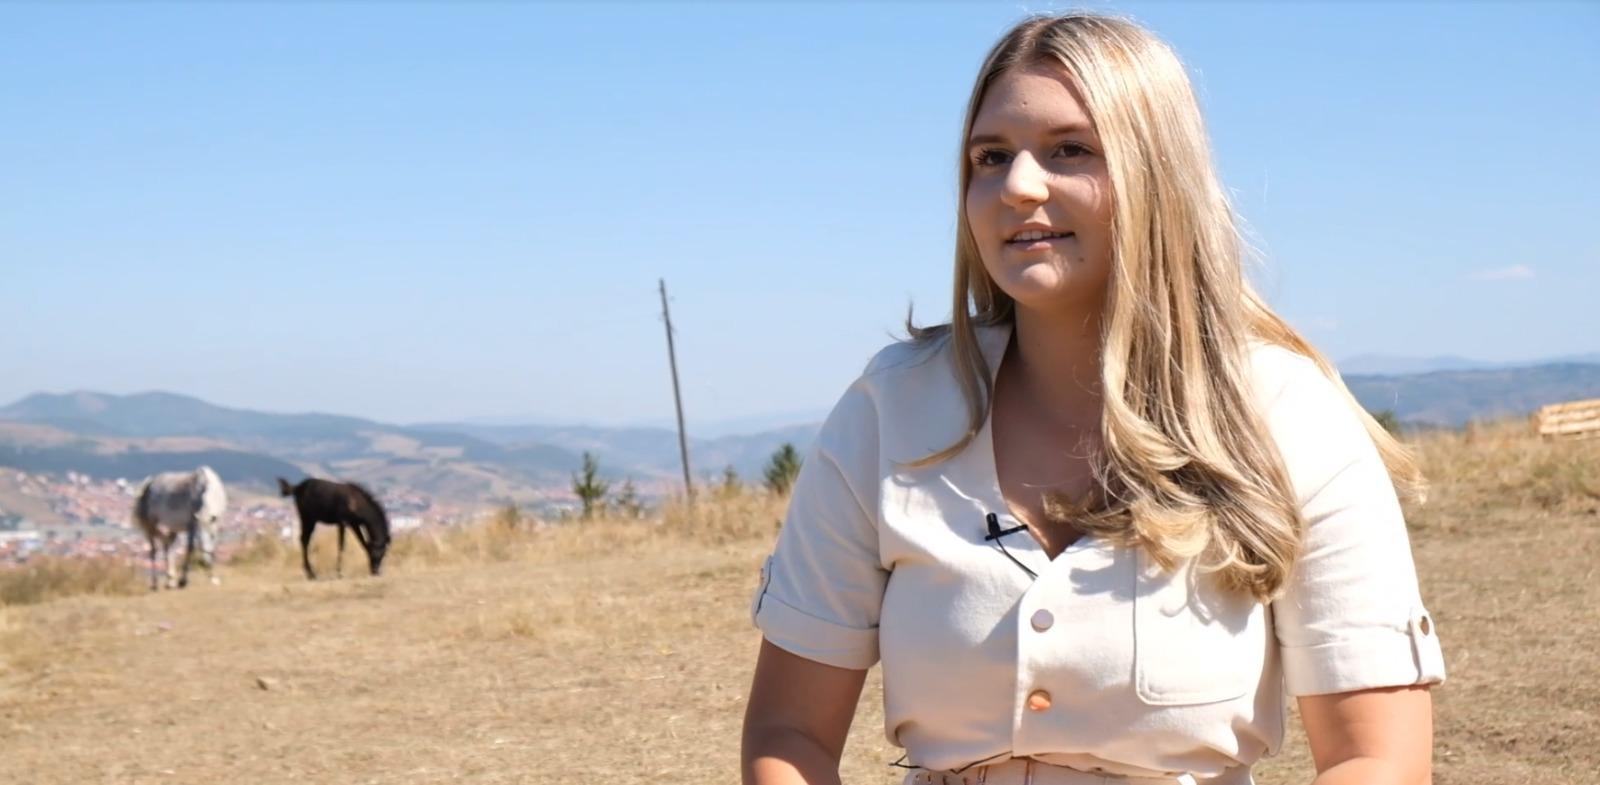 Šesnaestogodišnjakinja u Novom Pazaru  pokrenula biznis (video)